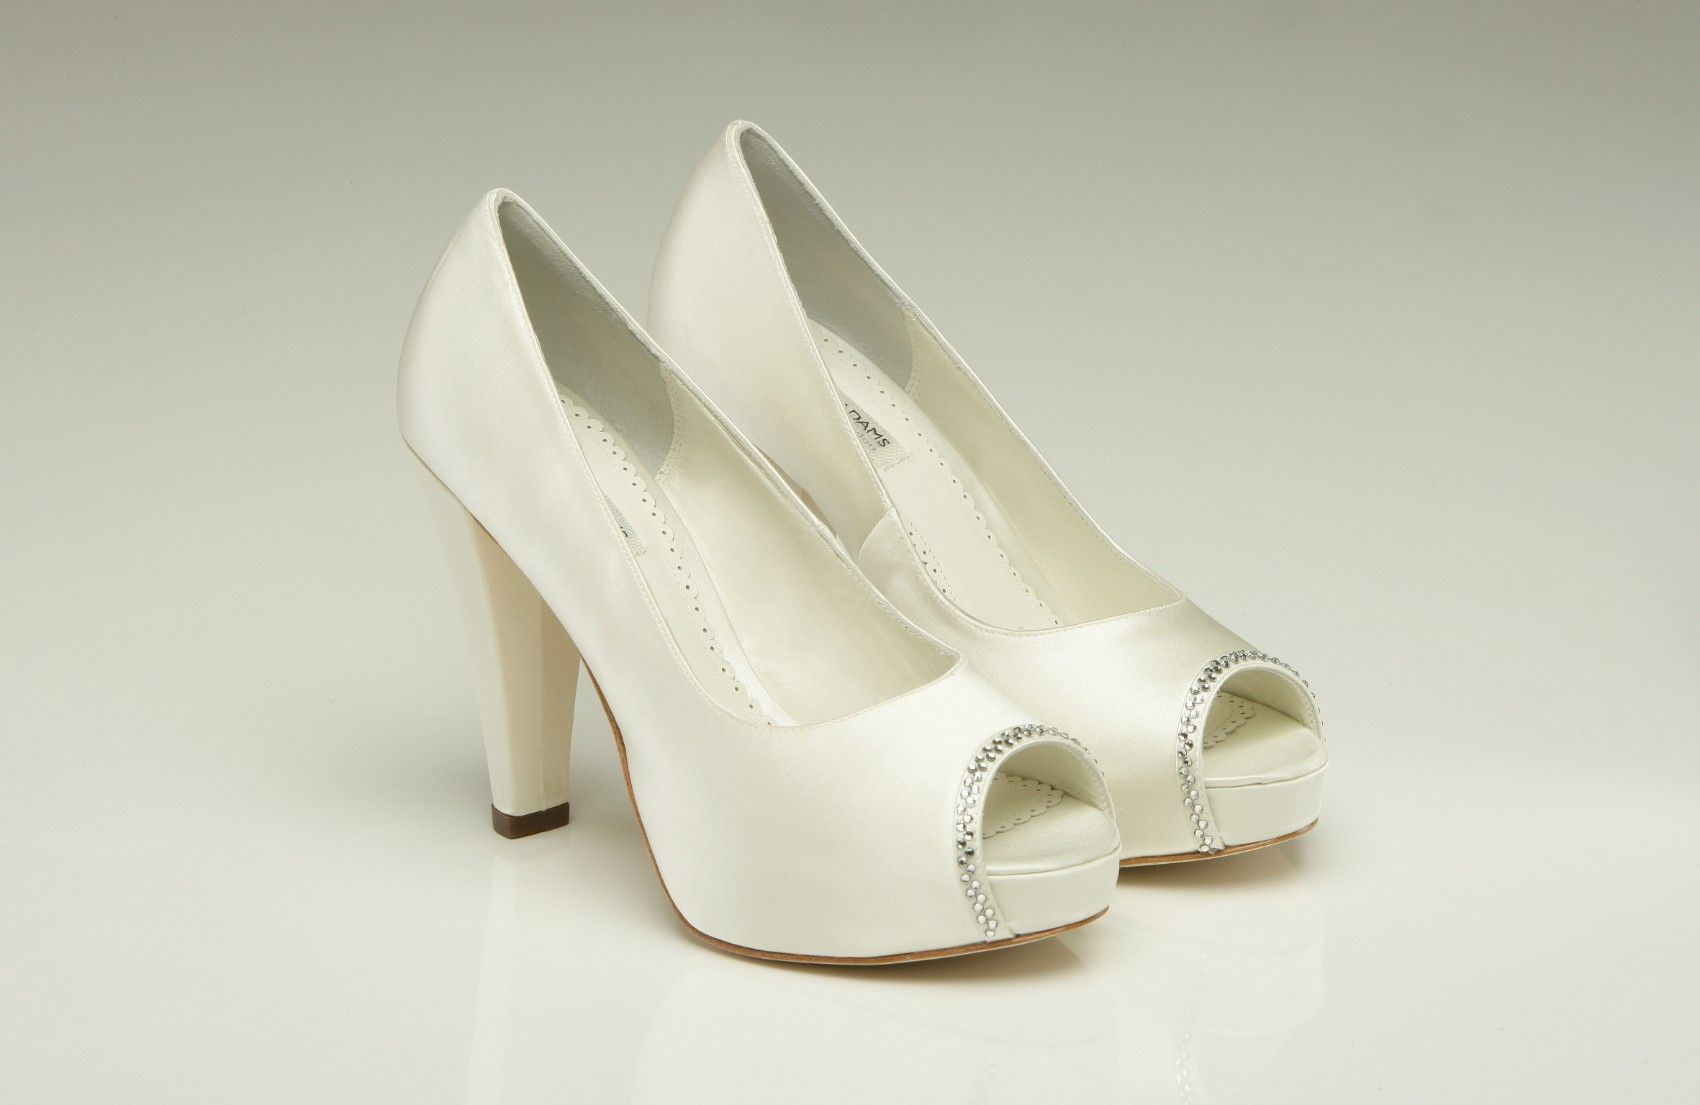 Benjamin Adams Scarlet Wedding Shoes